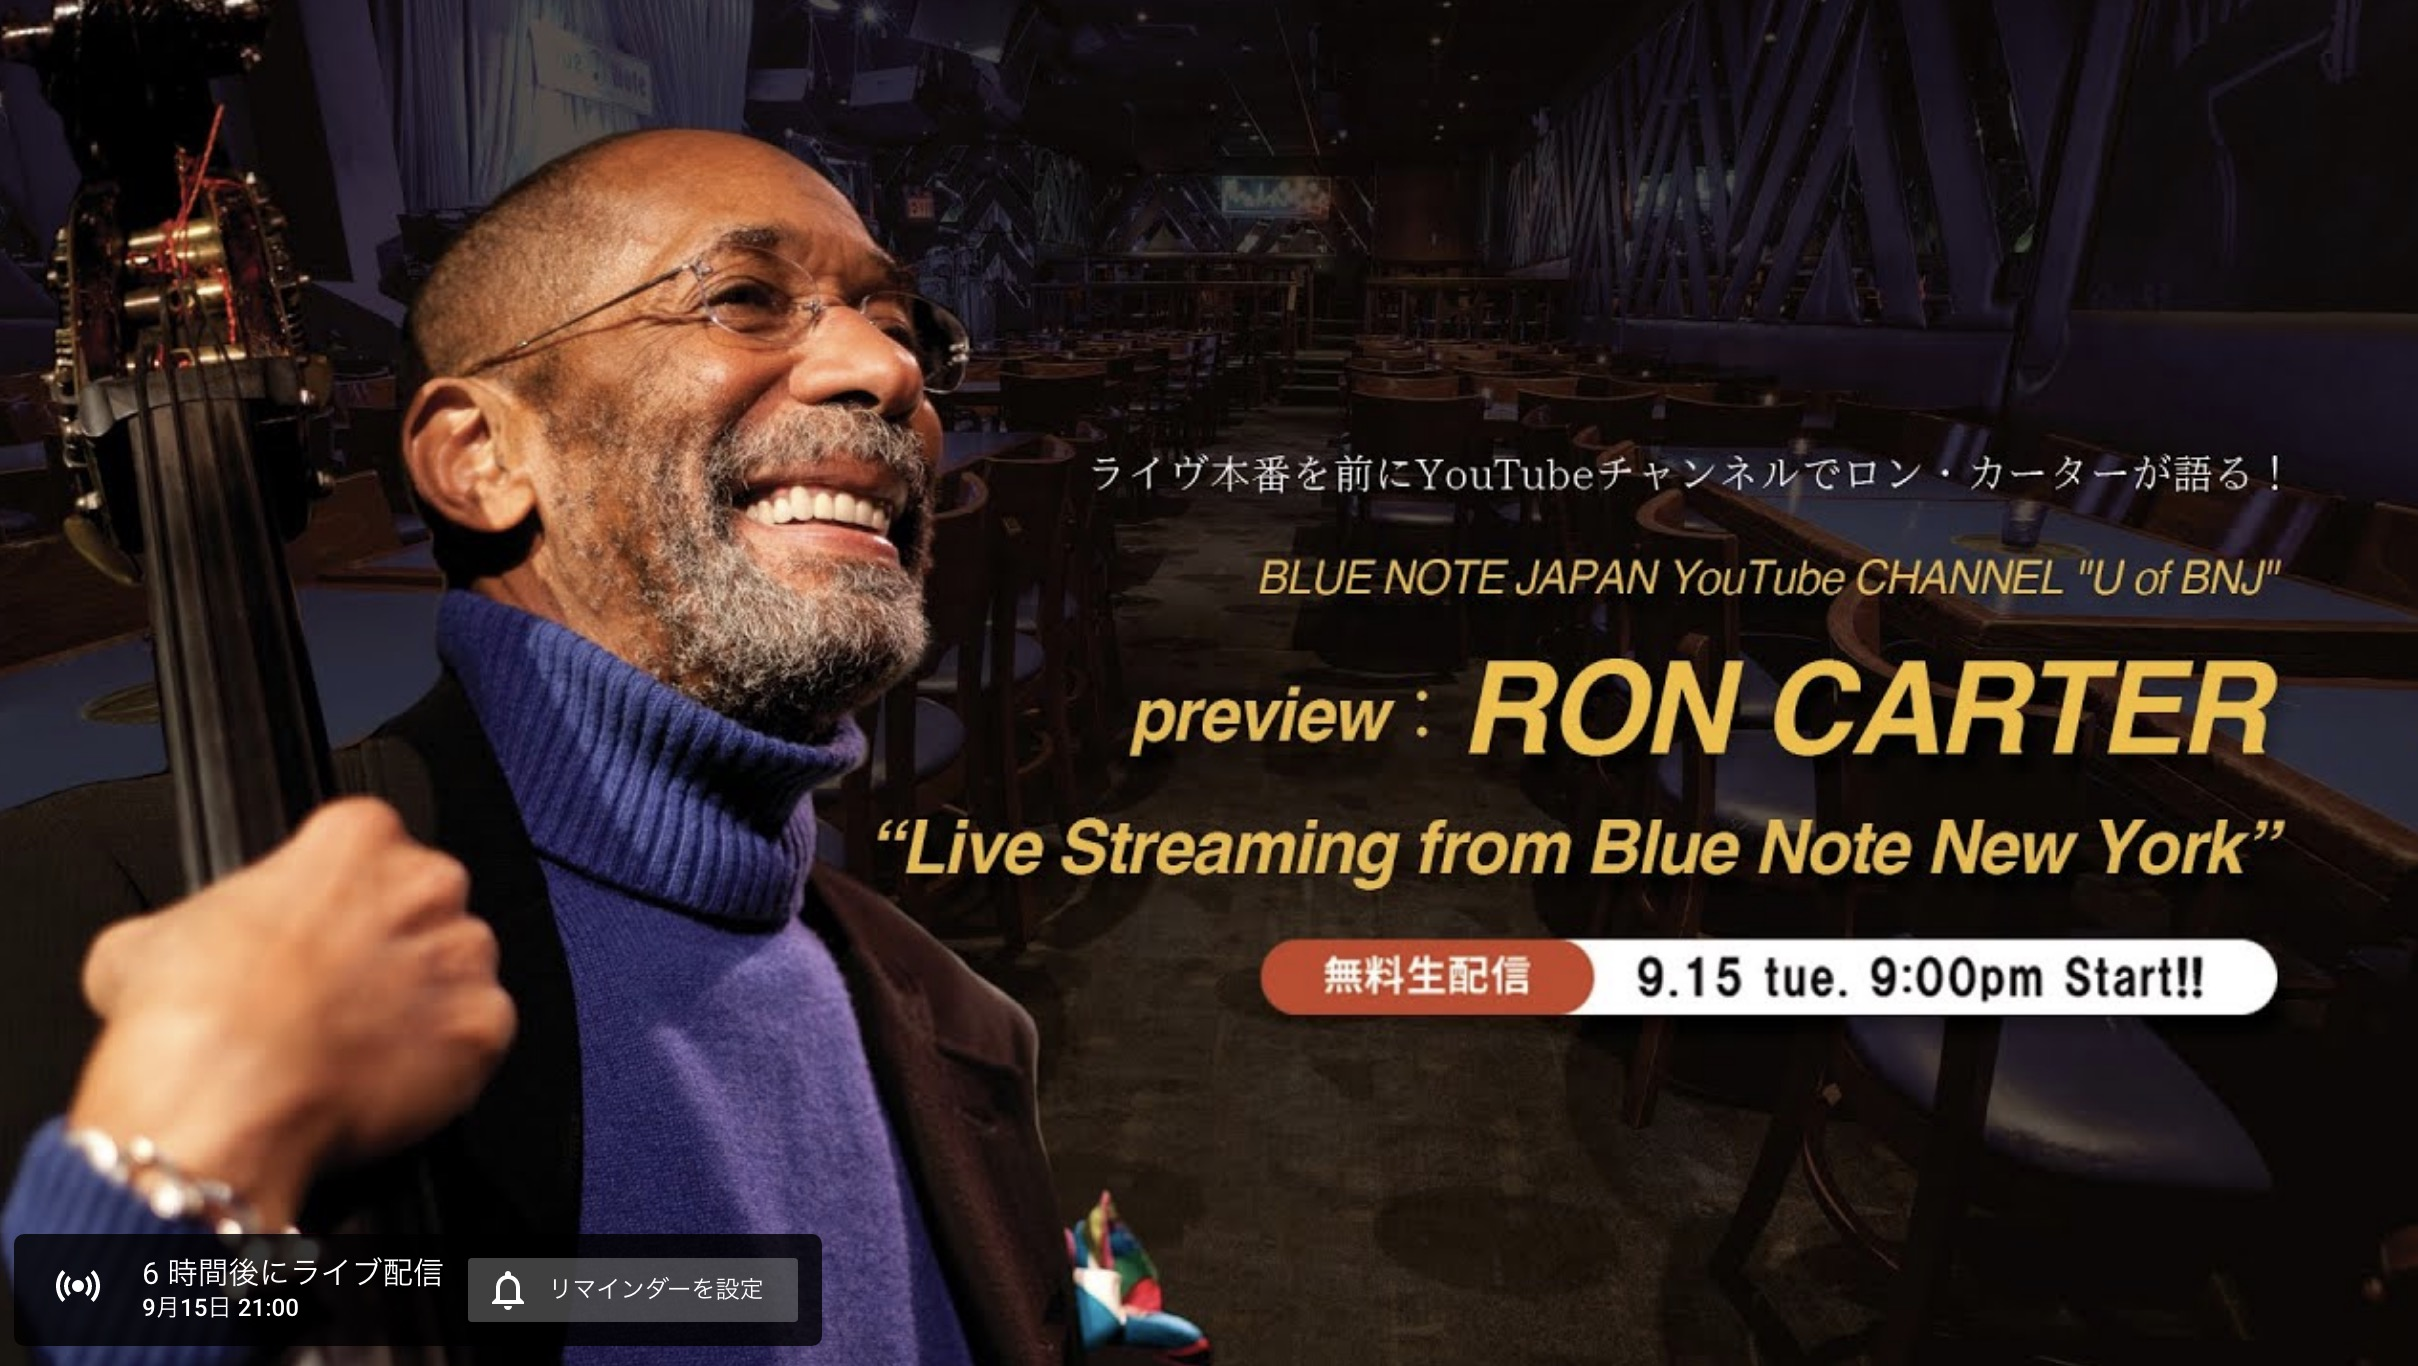 ロン・カーターのトーク・プログラムに出演します。